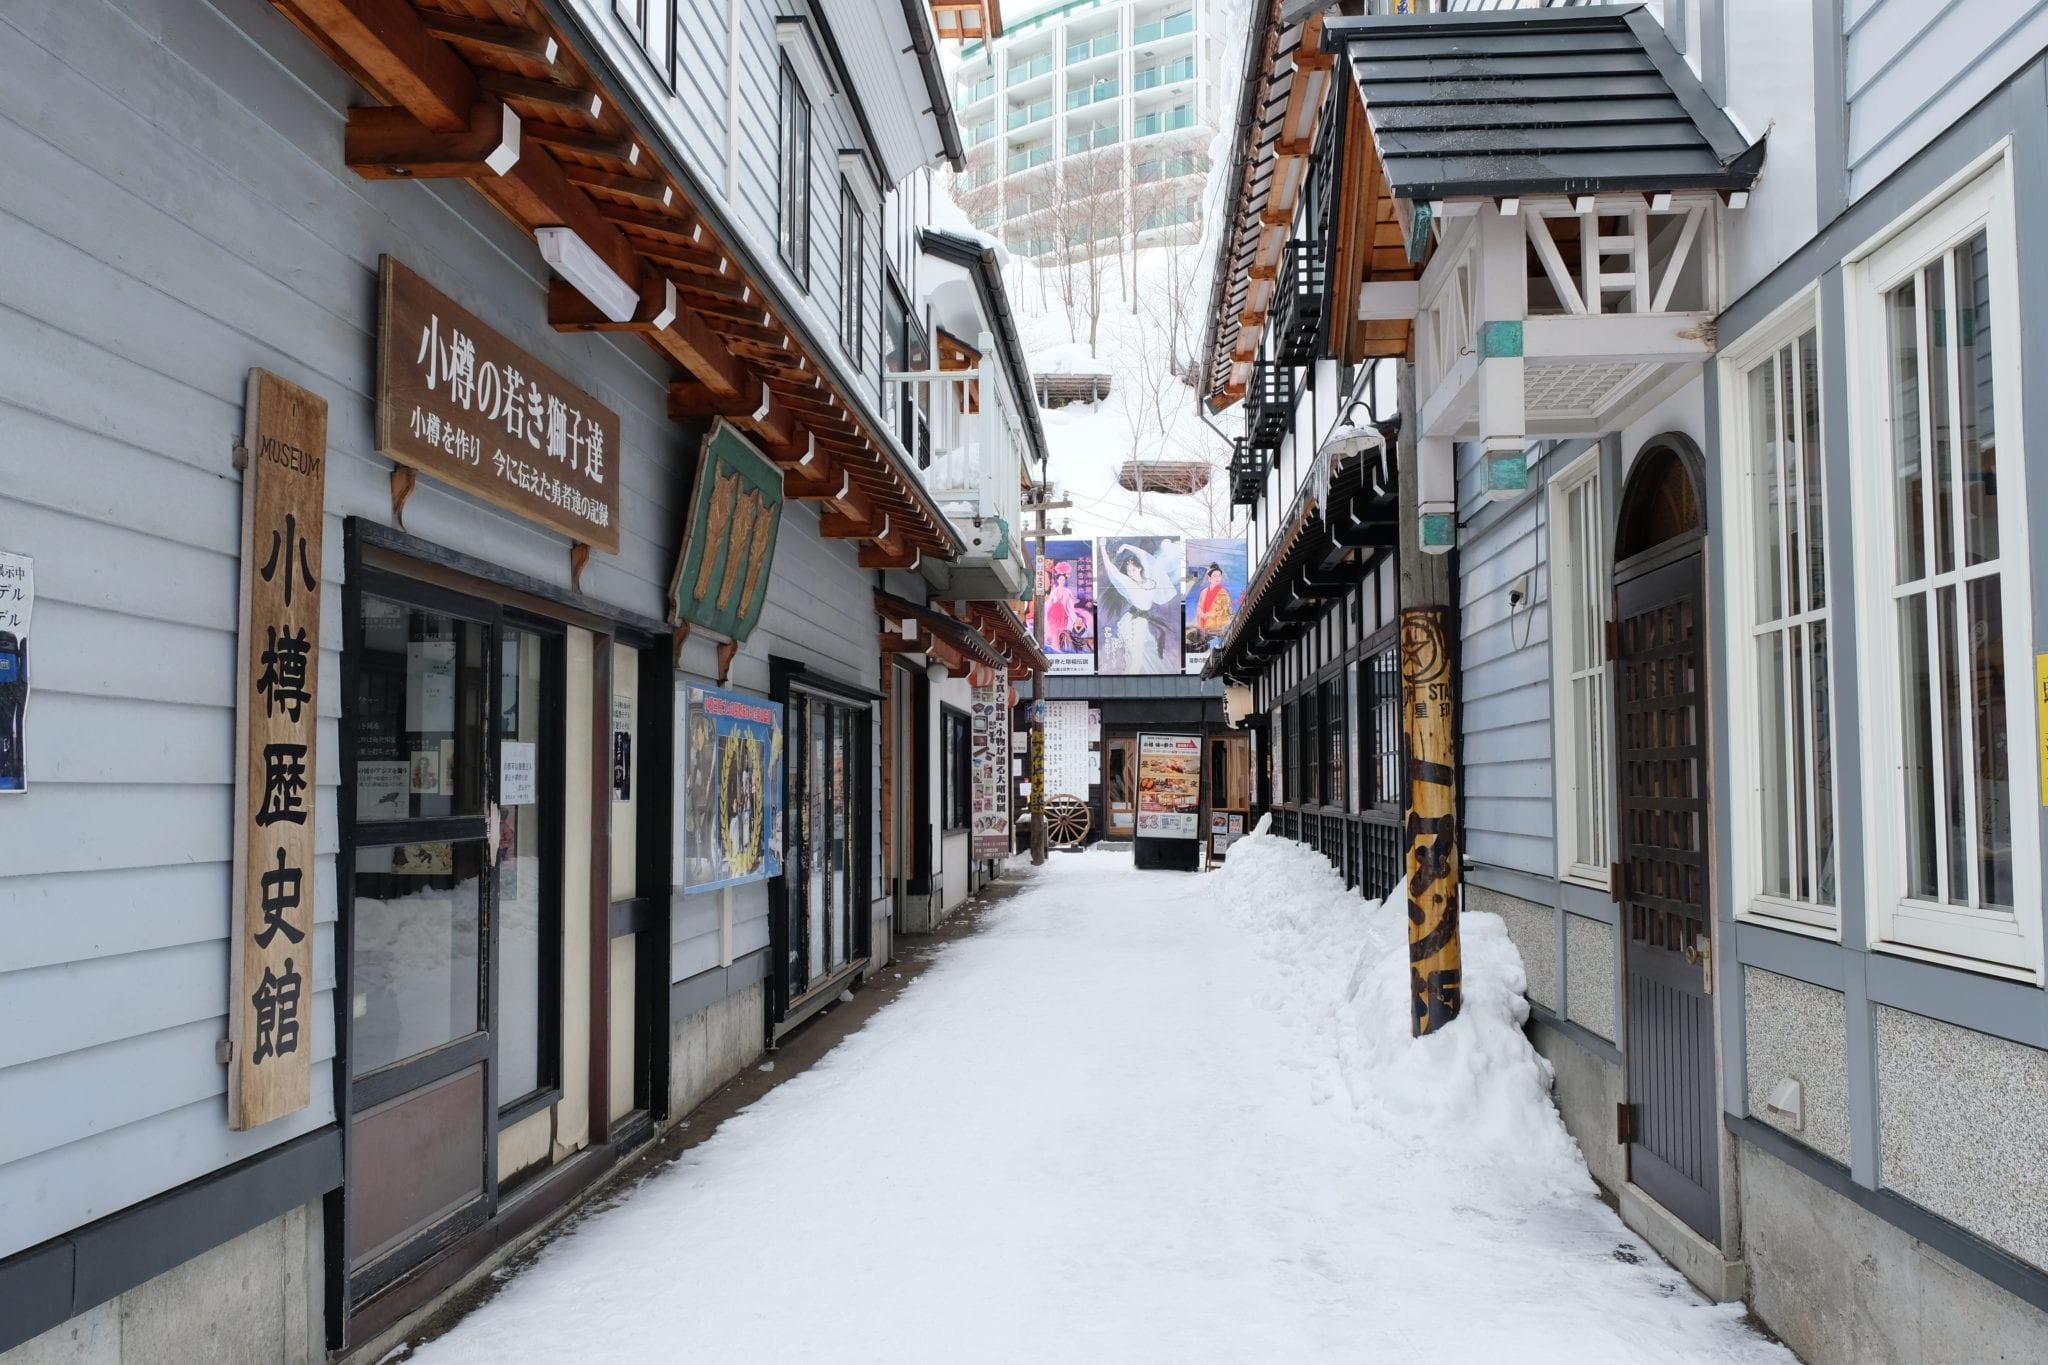 โอตารุ เที่ยวออกไกโด ที่เที่ยวฮอกไกโด เที่ยวญี่ปุ่นหน้าหนาว